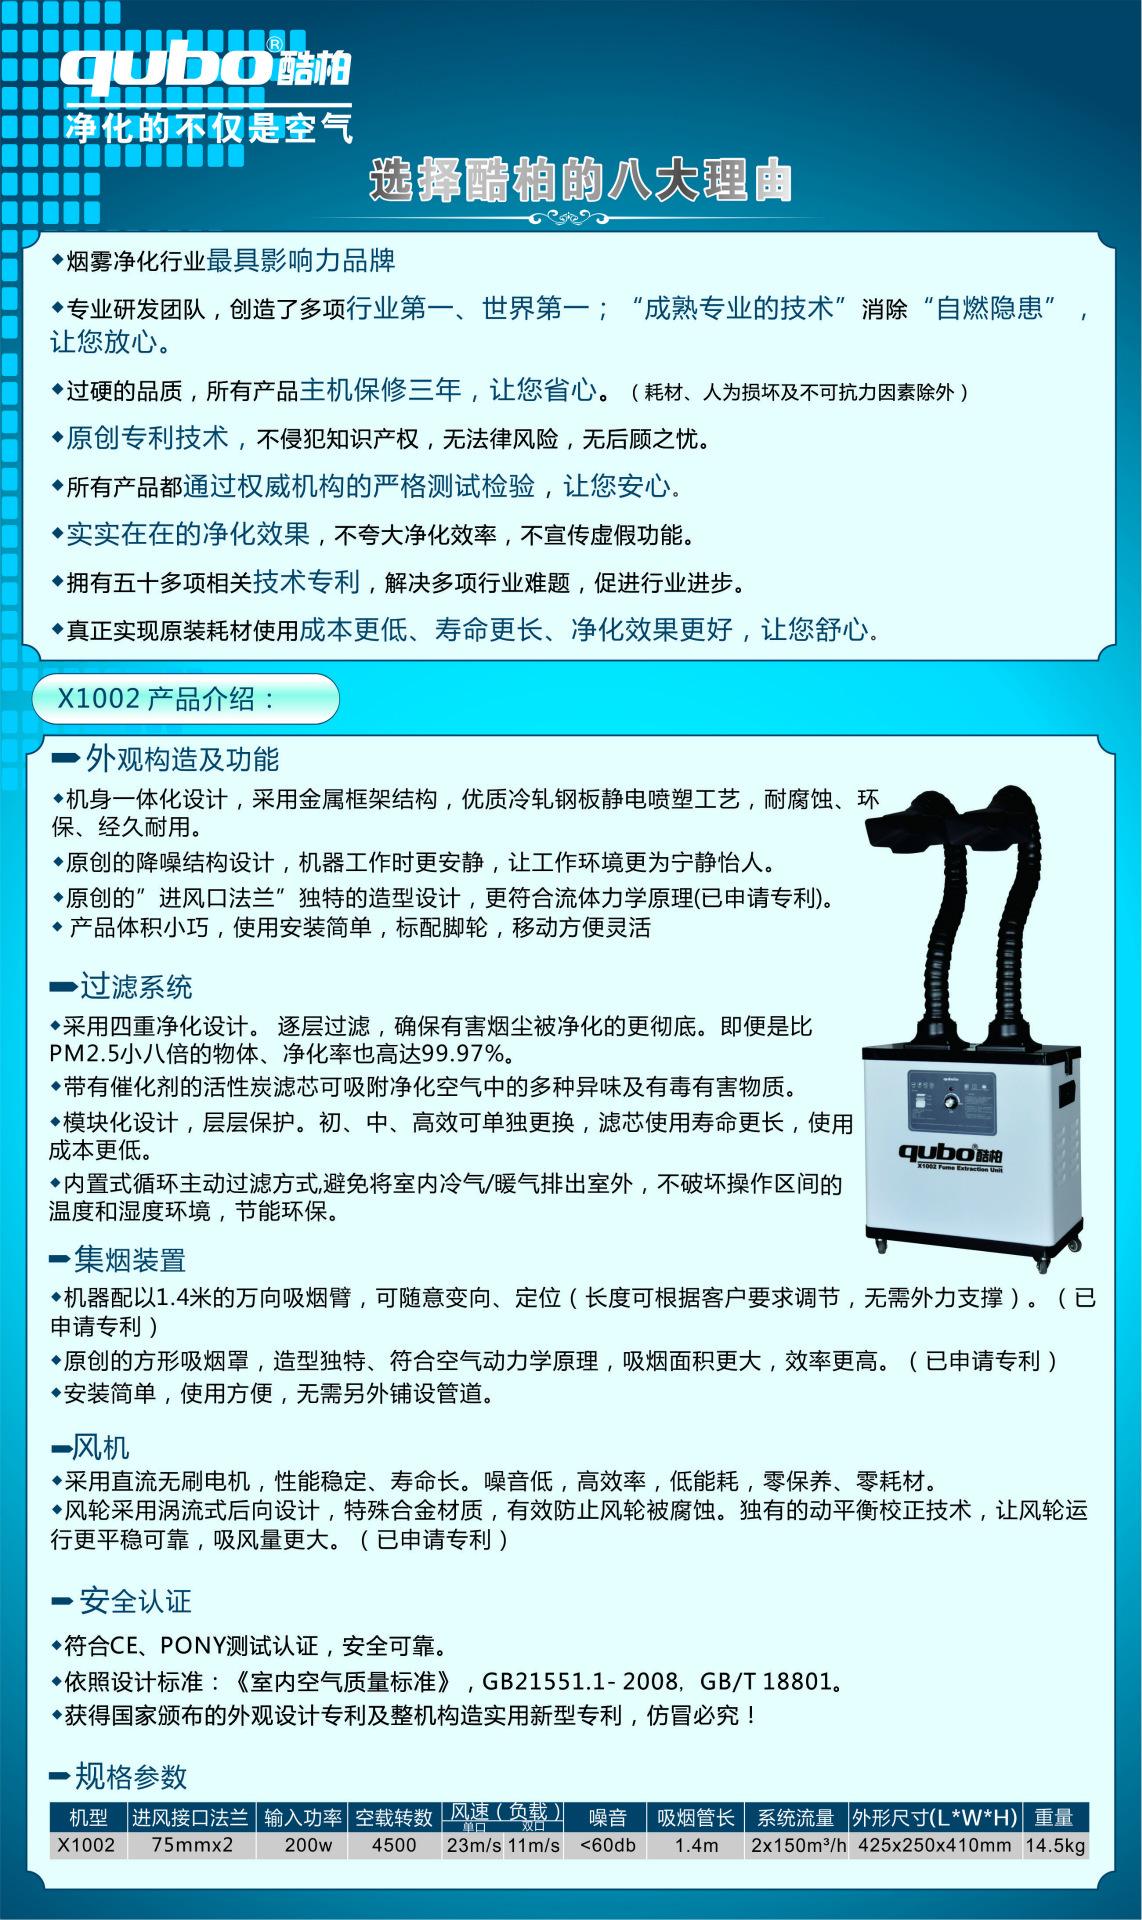 X1002产品介绍